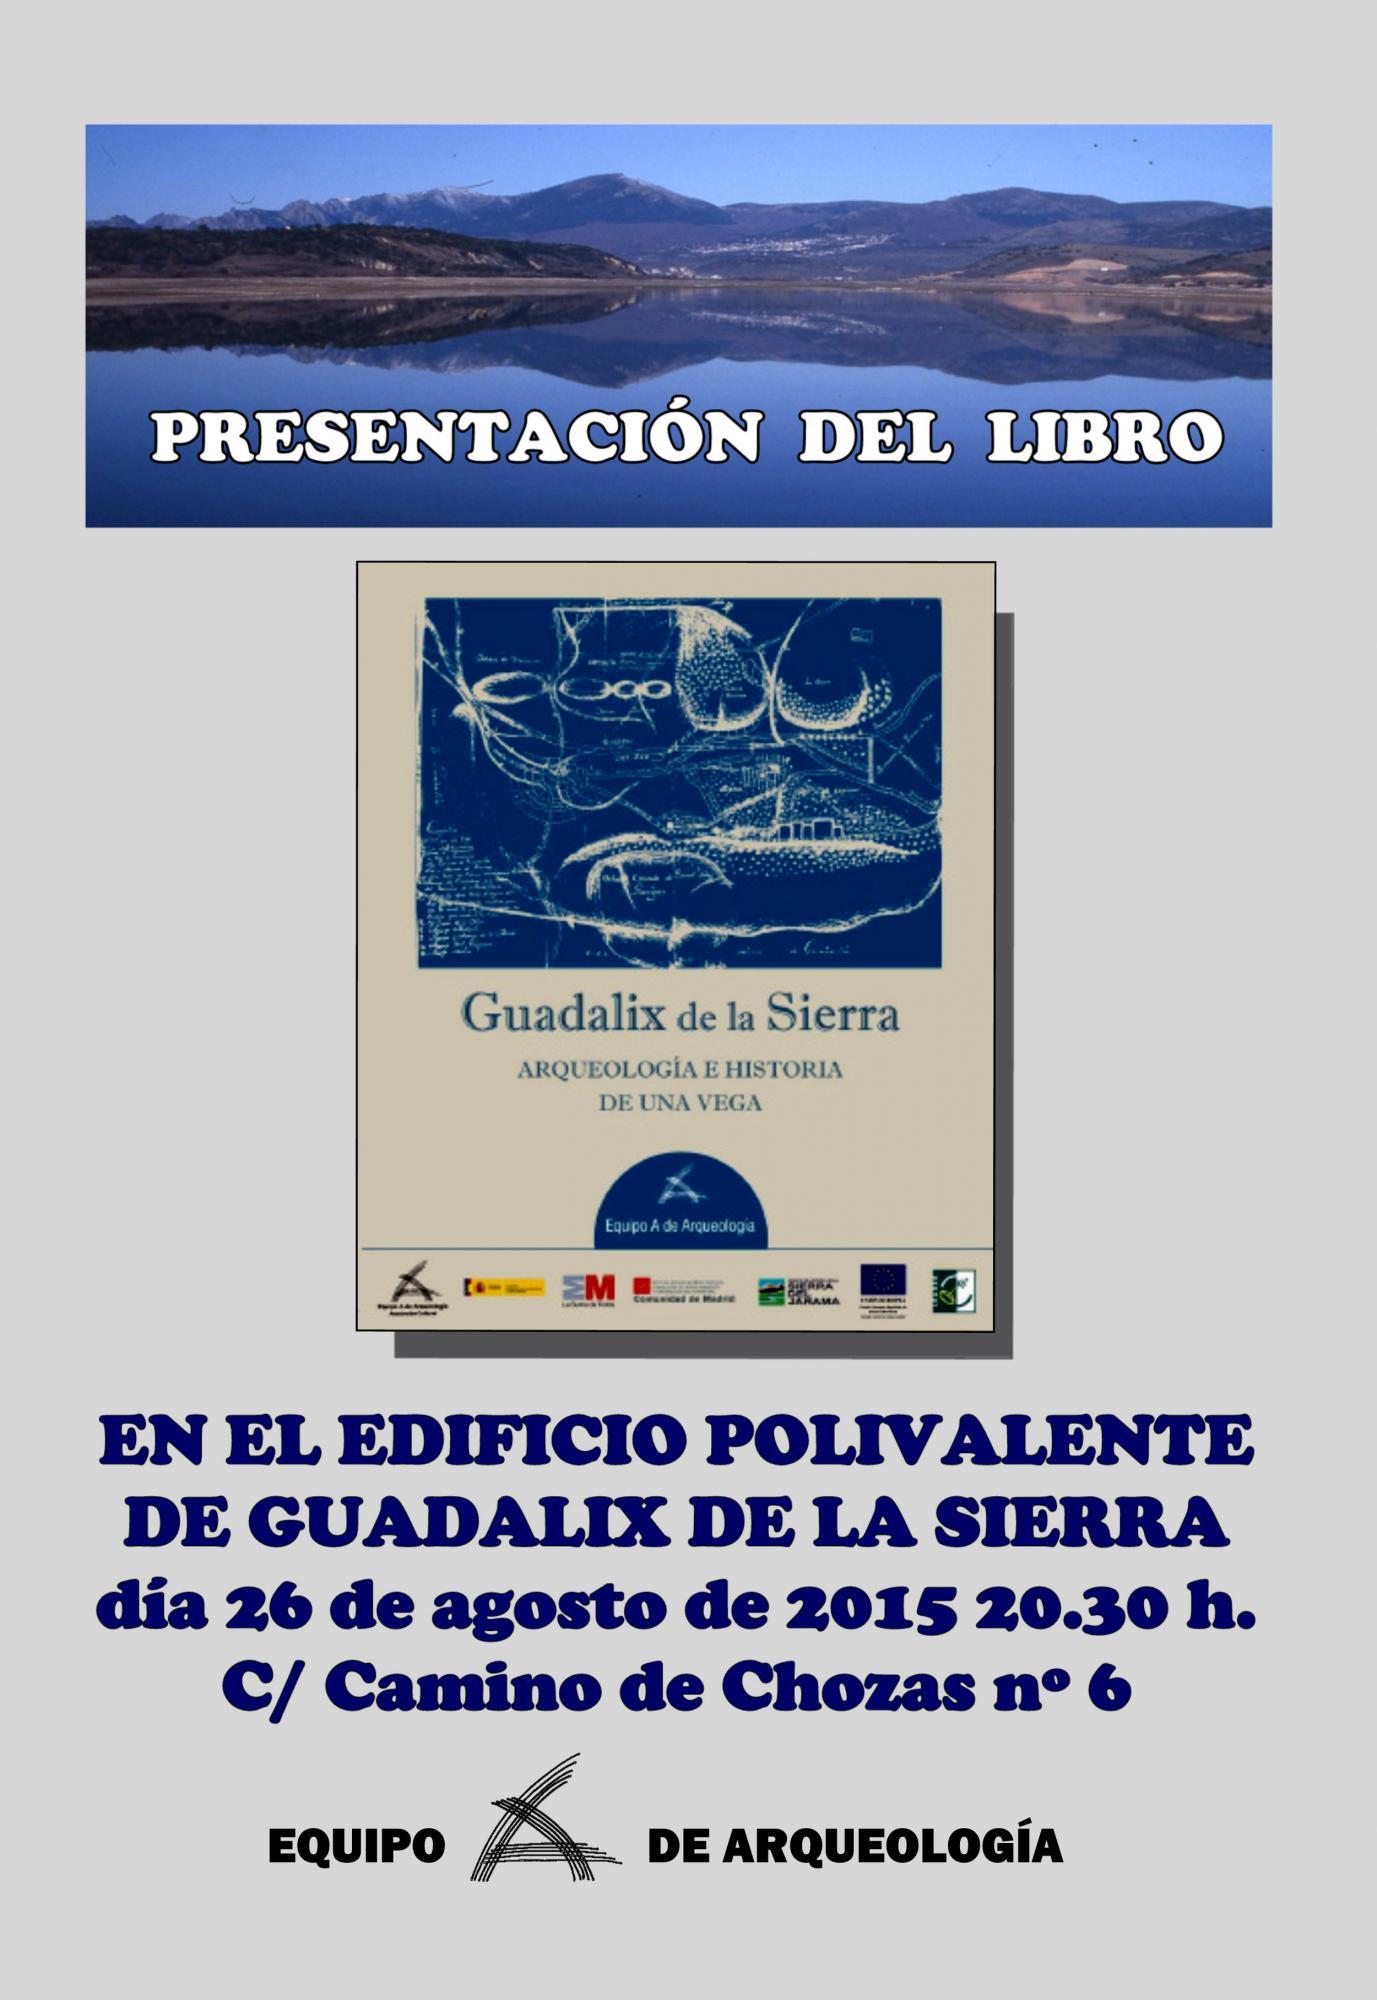 El equipo `A´ de arqueología presenta un libro sobre la historia local de Guadalix de la Sierra